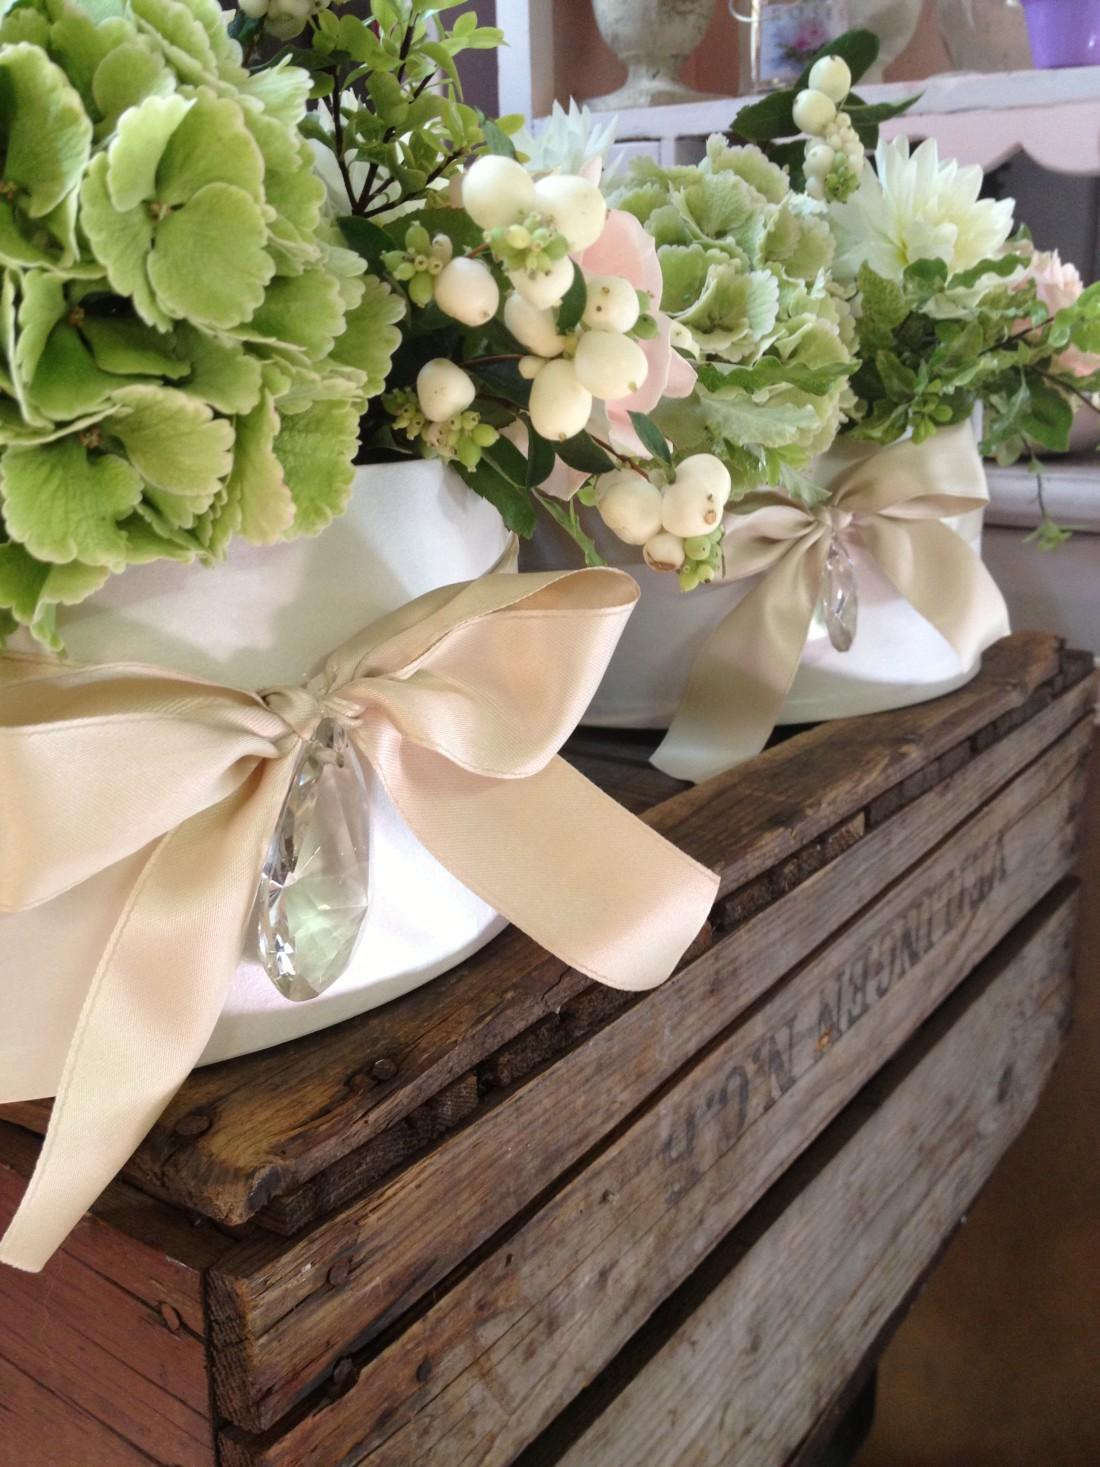 Fiori Di Settembre Per Bouquet Sposa.Matrimonio Di Settembre